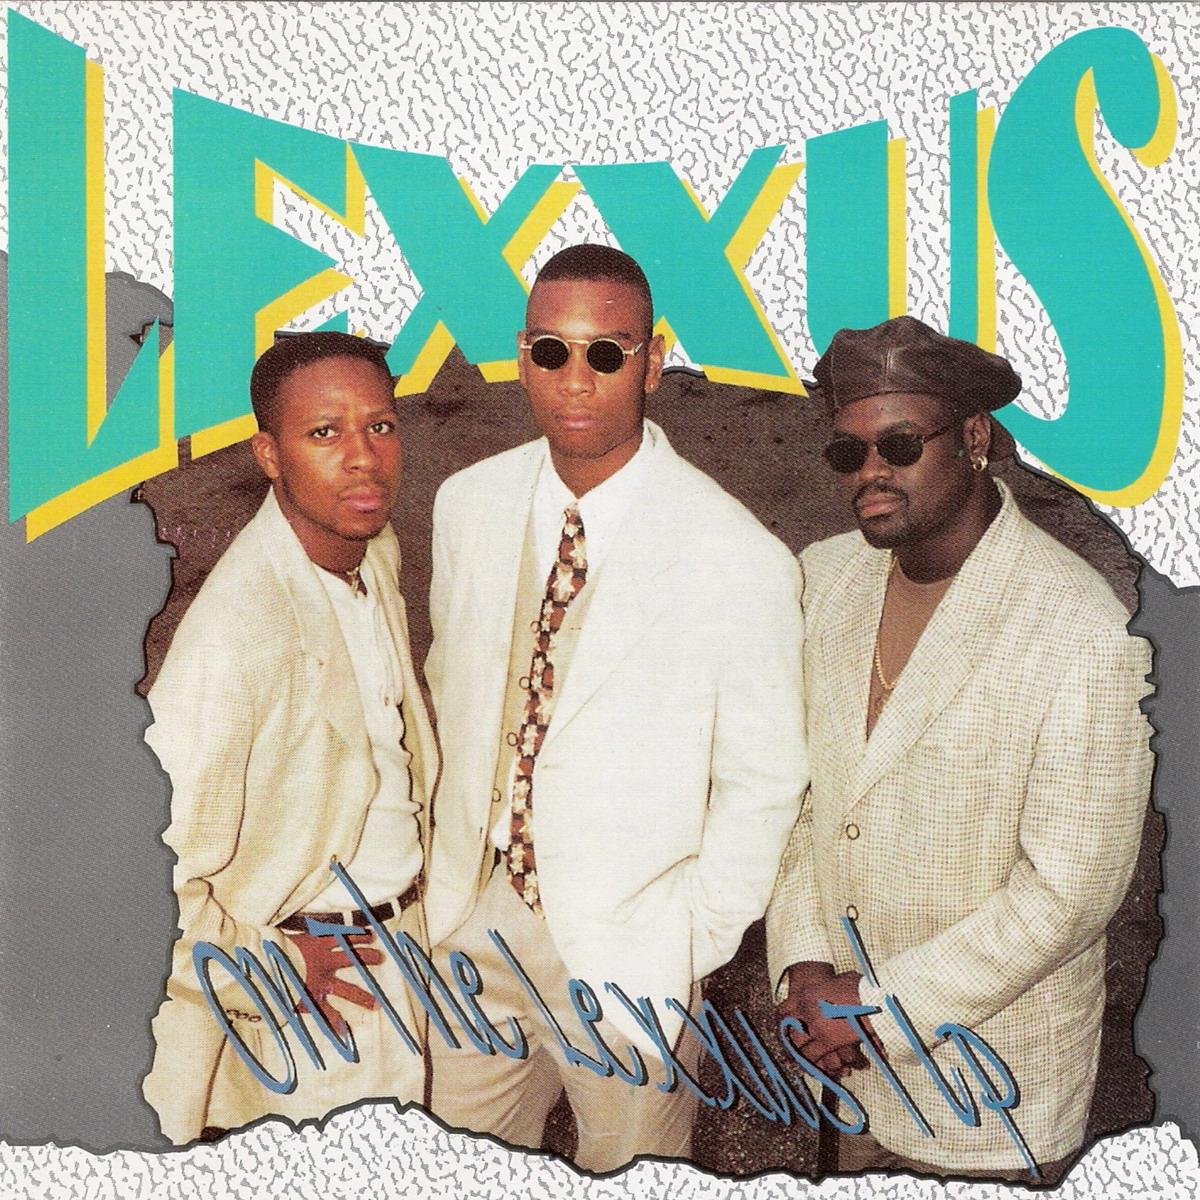 lolomusicforu lexxus on the lexxus tip 1995